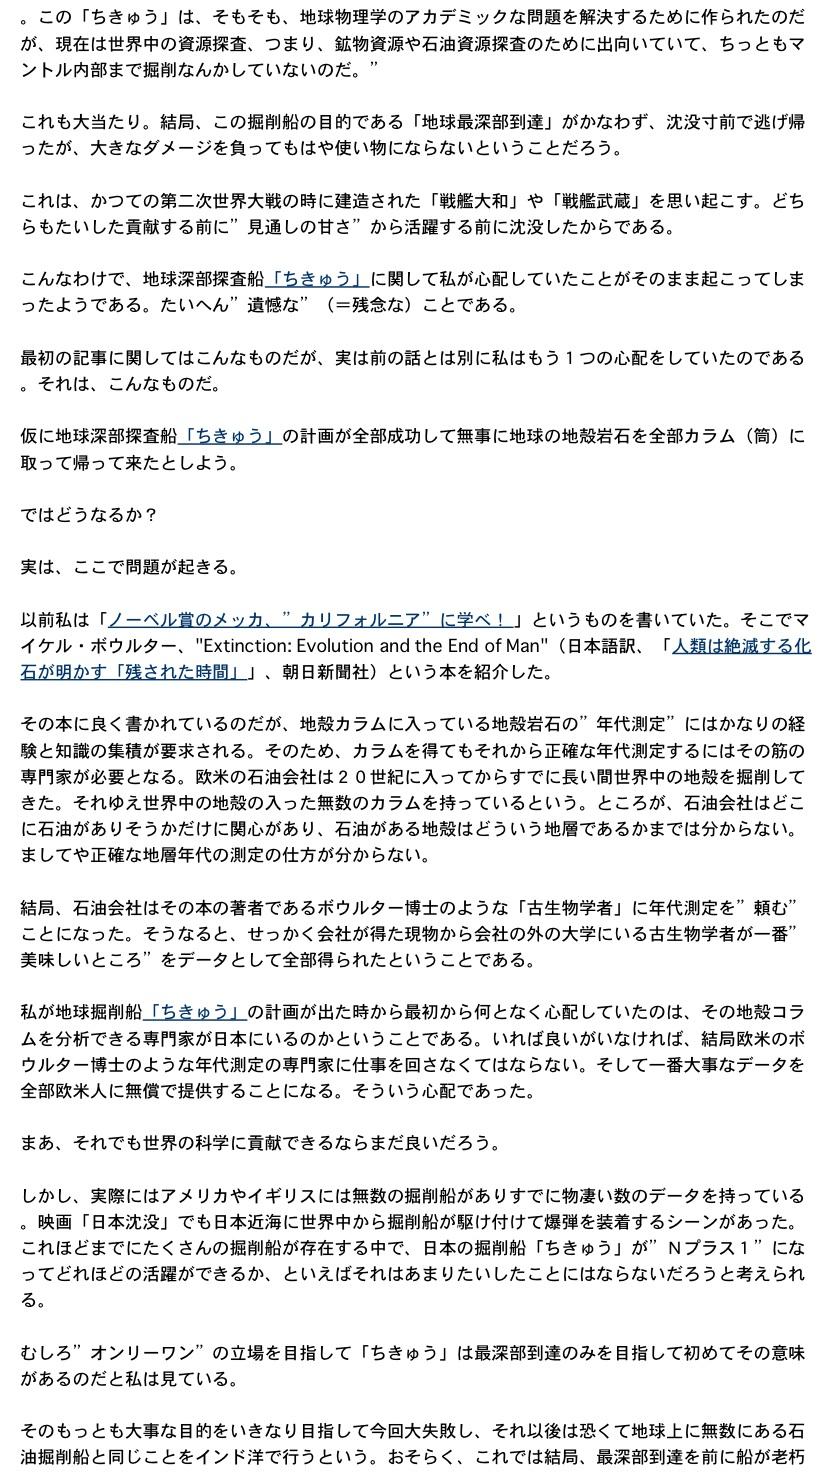 掘削船「ちきゅう」は今ここに:「日本沈没」するまで頑張る謎の船!?_e0171614_21331376.jpg